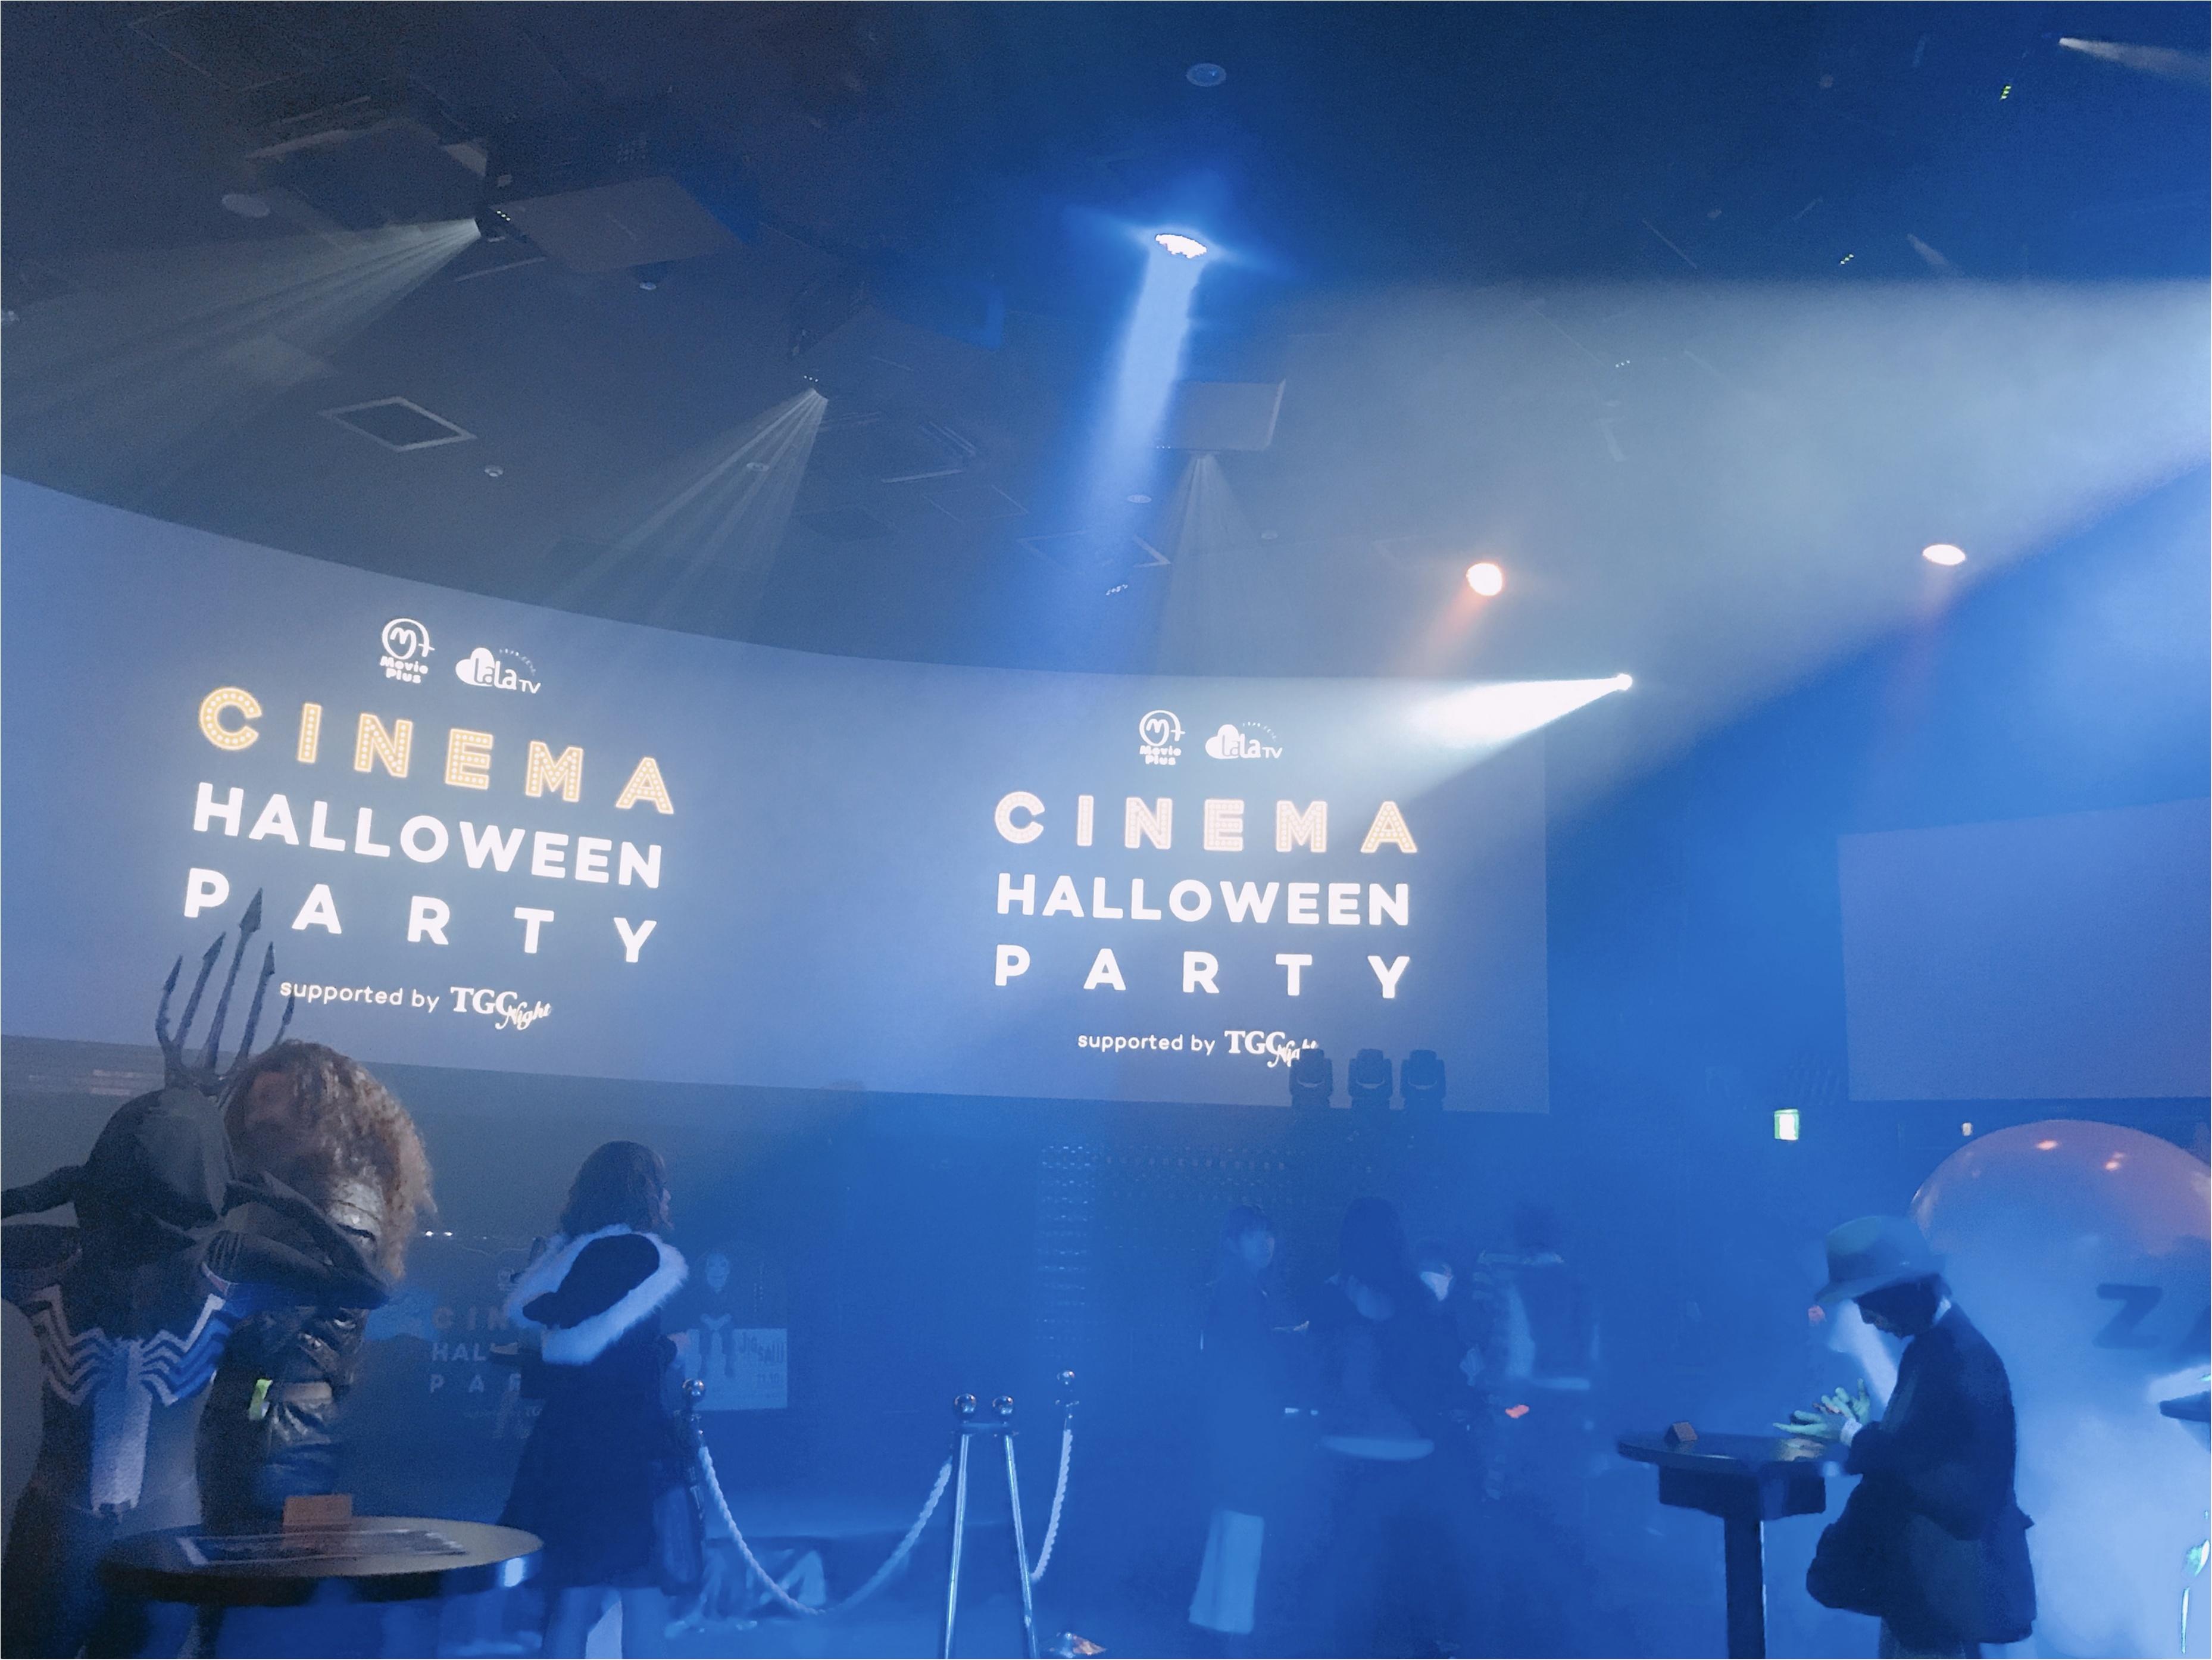 恵比寿でオトナハロウィン♡【CINEMA HALLOWEEN PARTY 2017】に行ってきました!_4